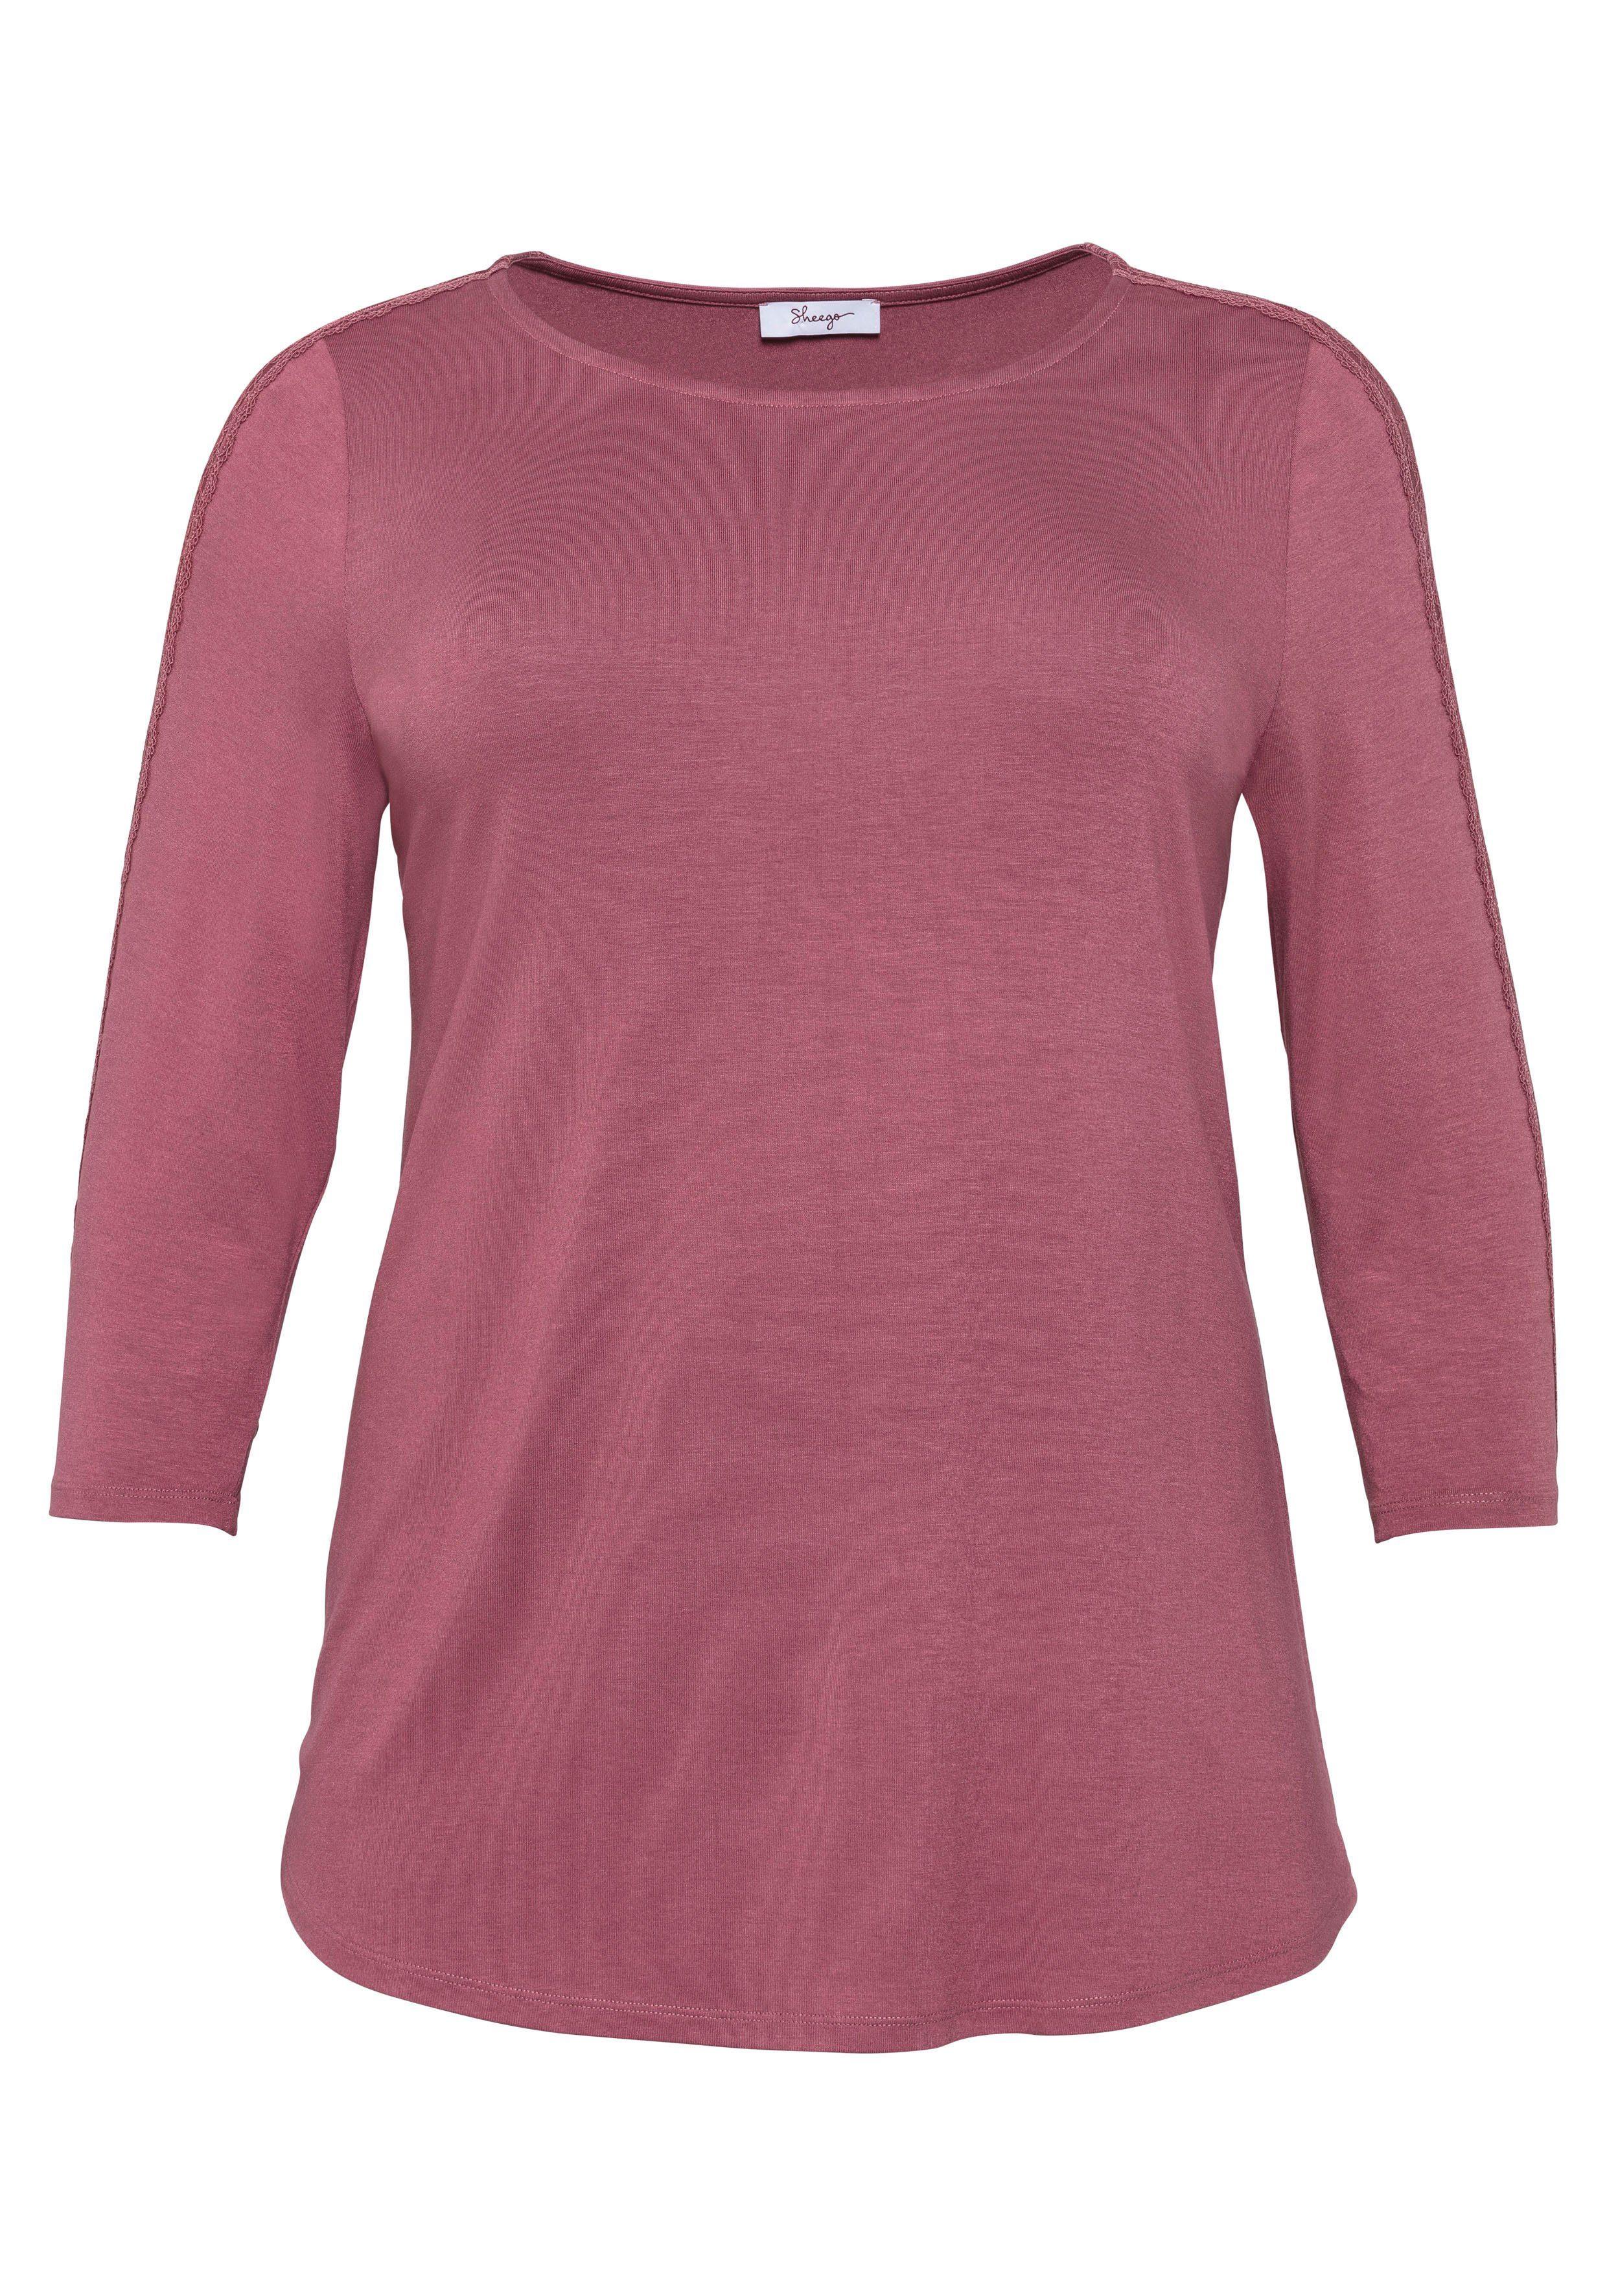 Sheego 3/4-arm-shirt Mit Spitzeneinsatz Kaufen